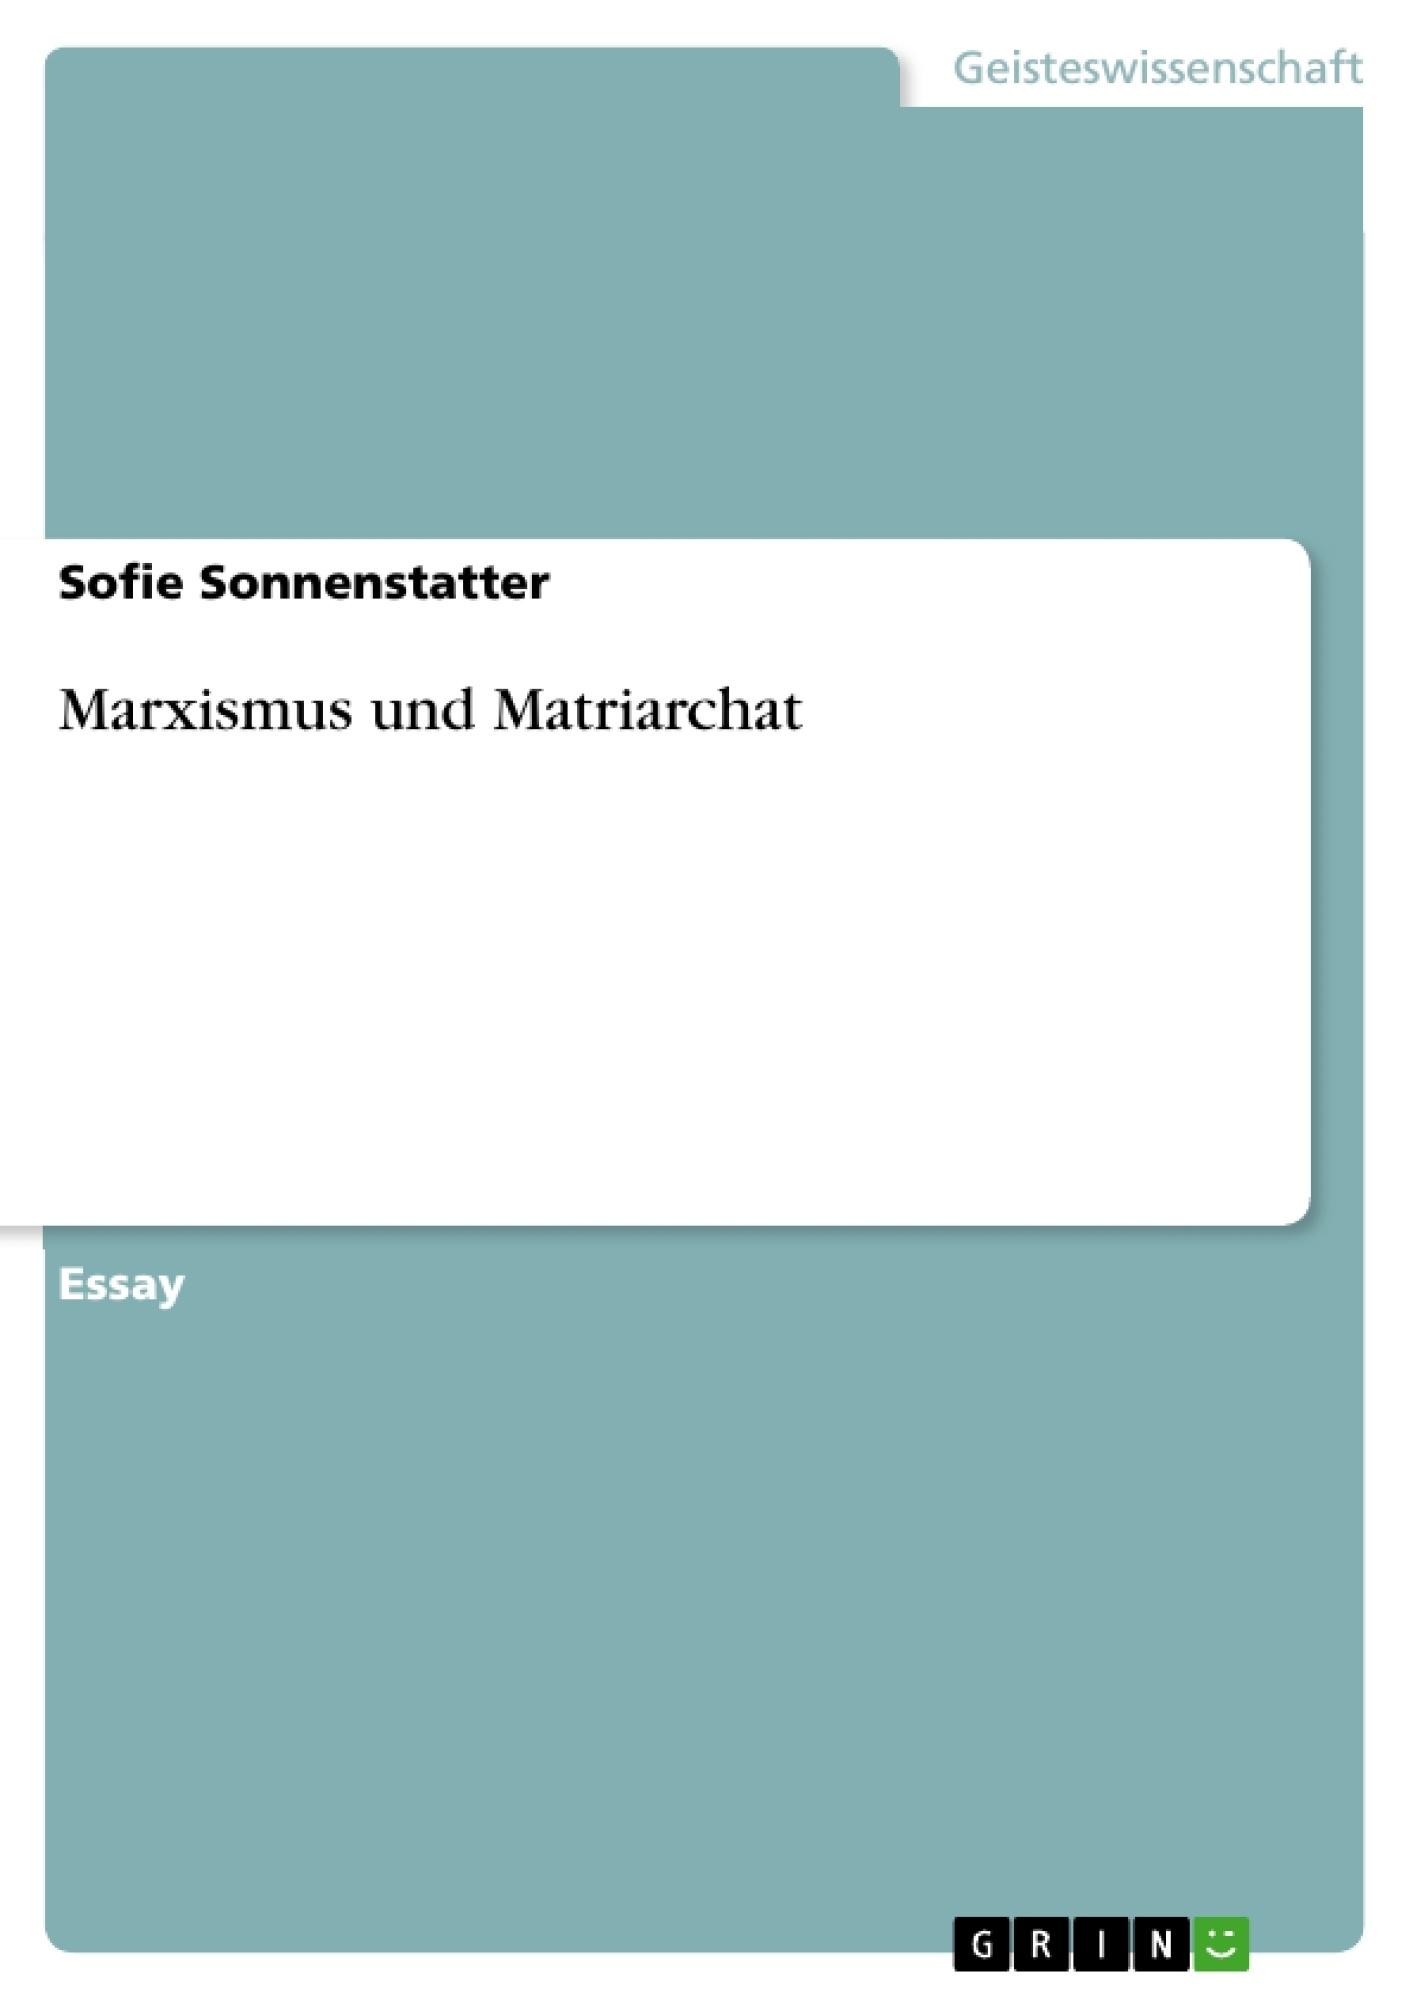 Titel: Marxismus und Matriarchat